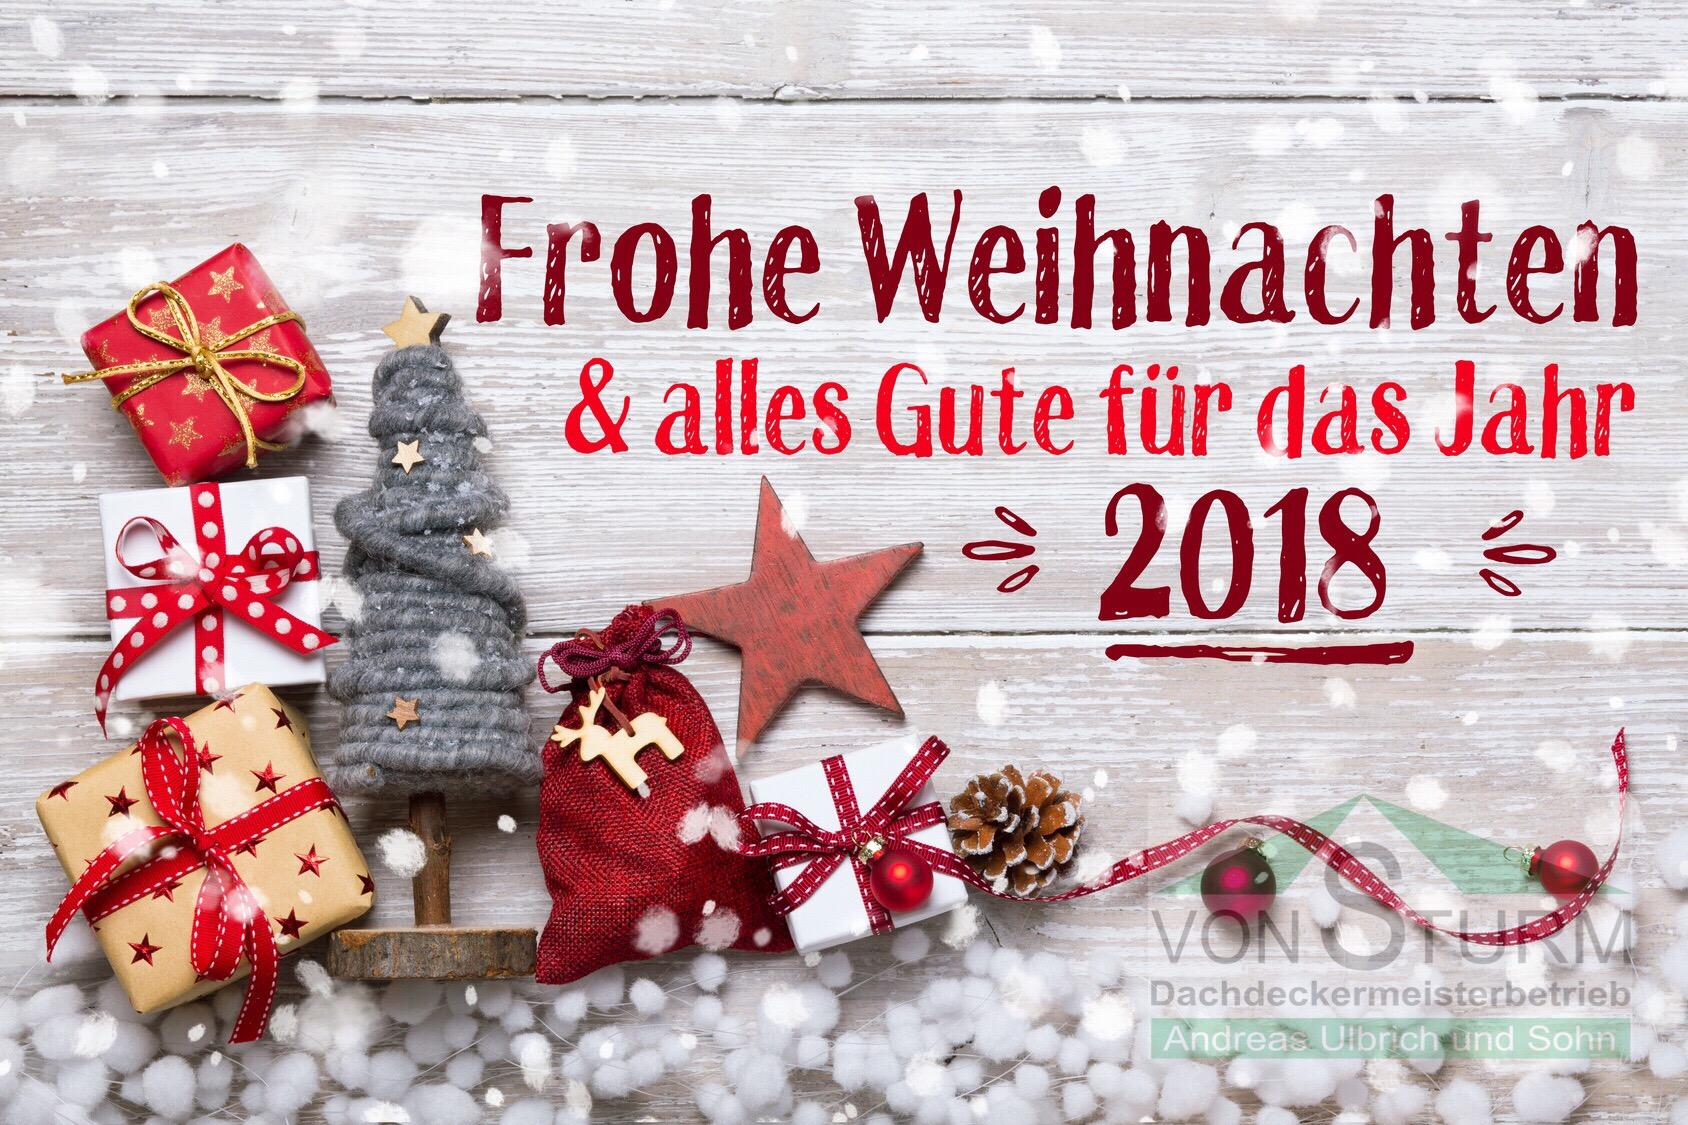 Weihnachtsgrüße Geschäft.Weihnachtsgrüße Dachdecker Firma Von Sturm Rheinbachdachdecker